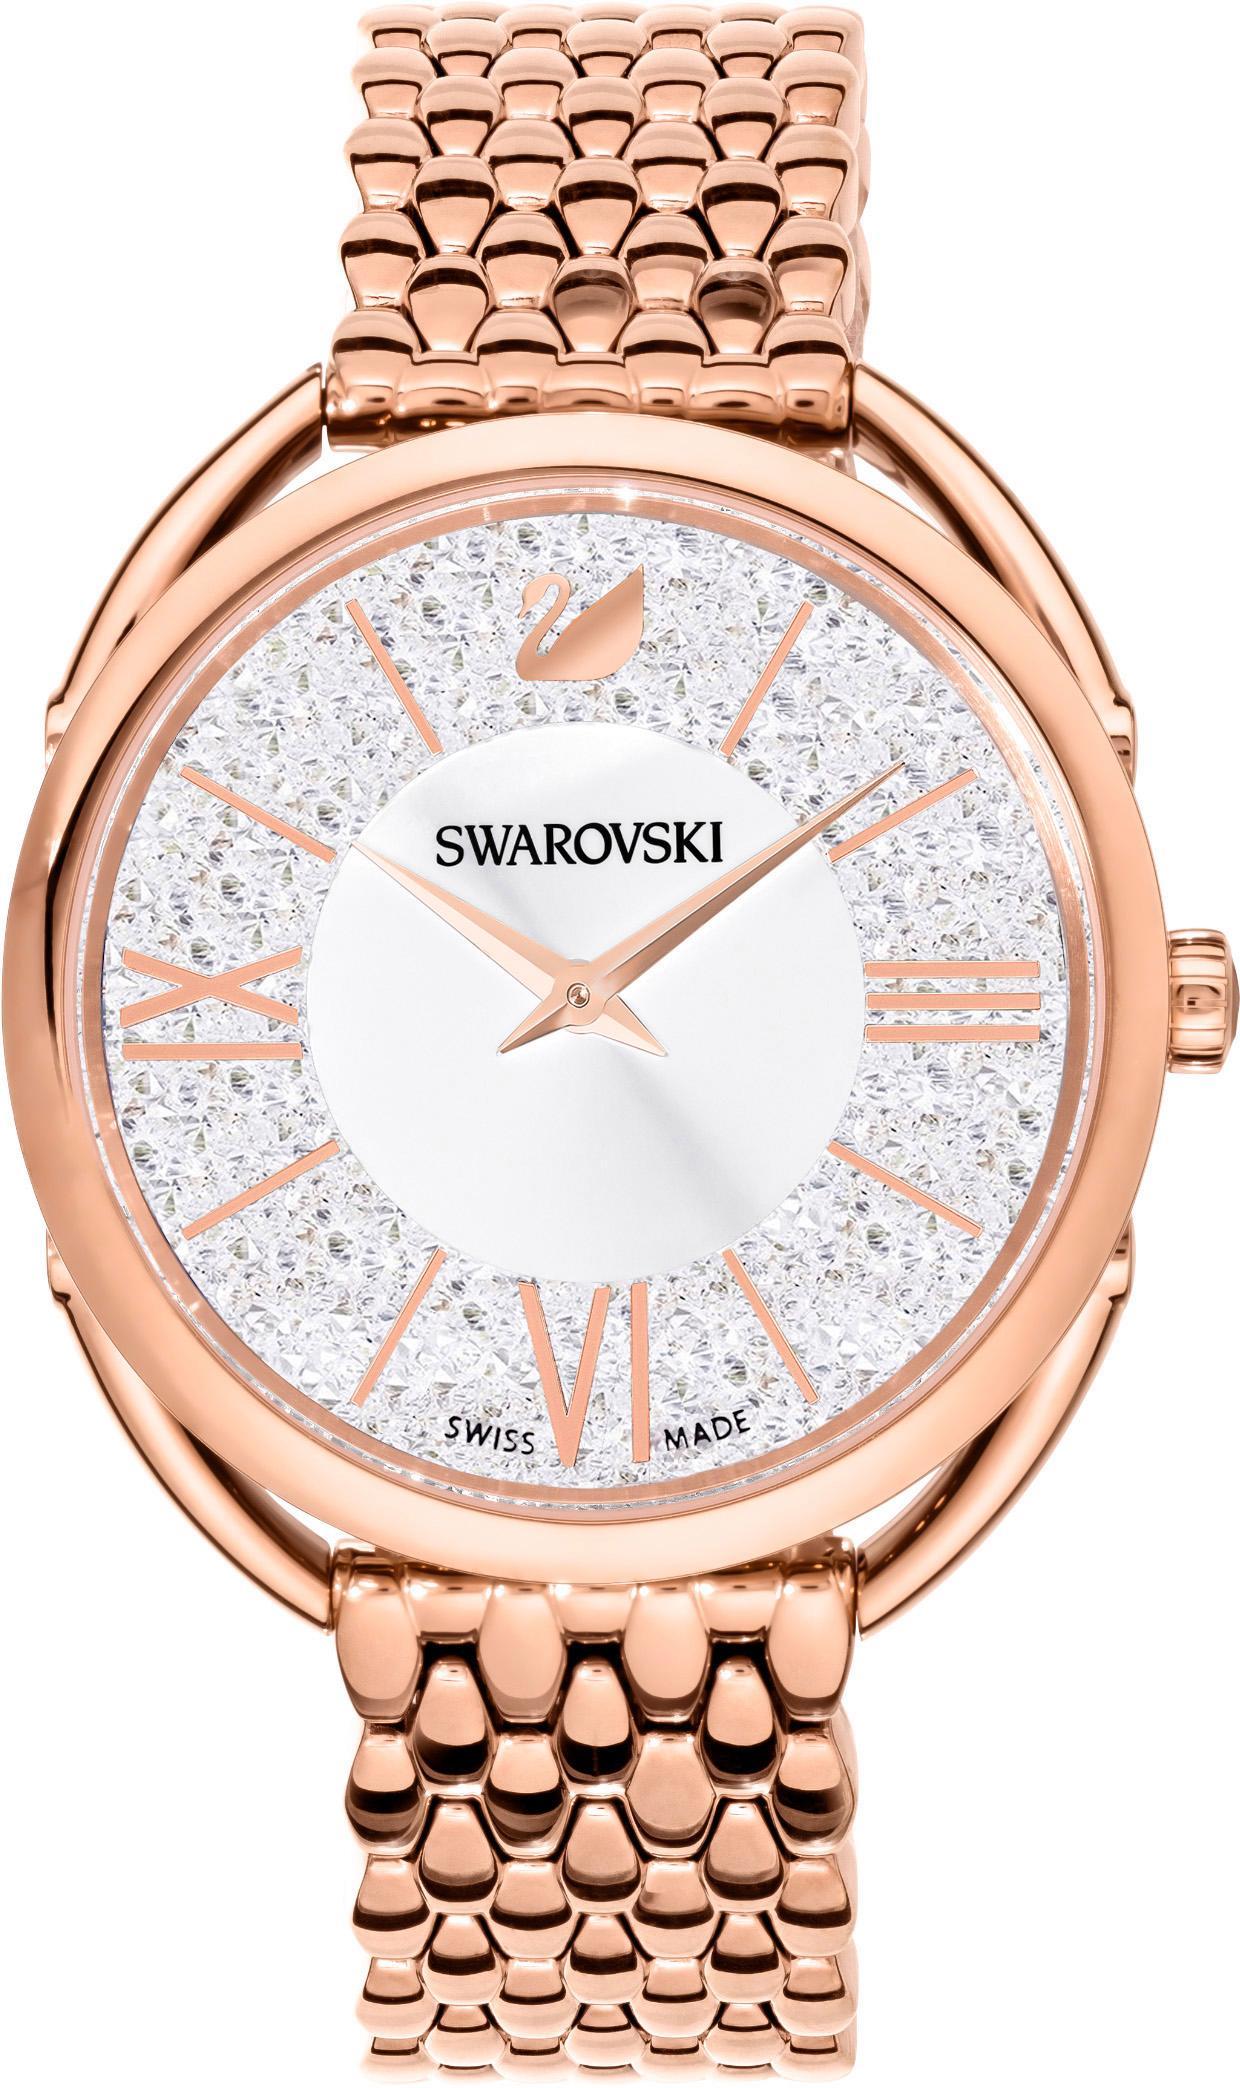 Swarovski Schweizer Uhr CRYSTALLINE GLAM 5452465 | Uhren > Schweizer Uhren | Goldfarben | Swarovski